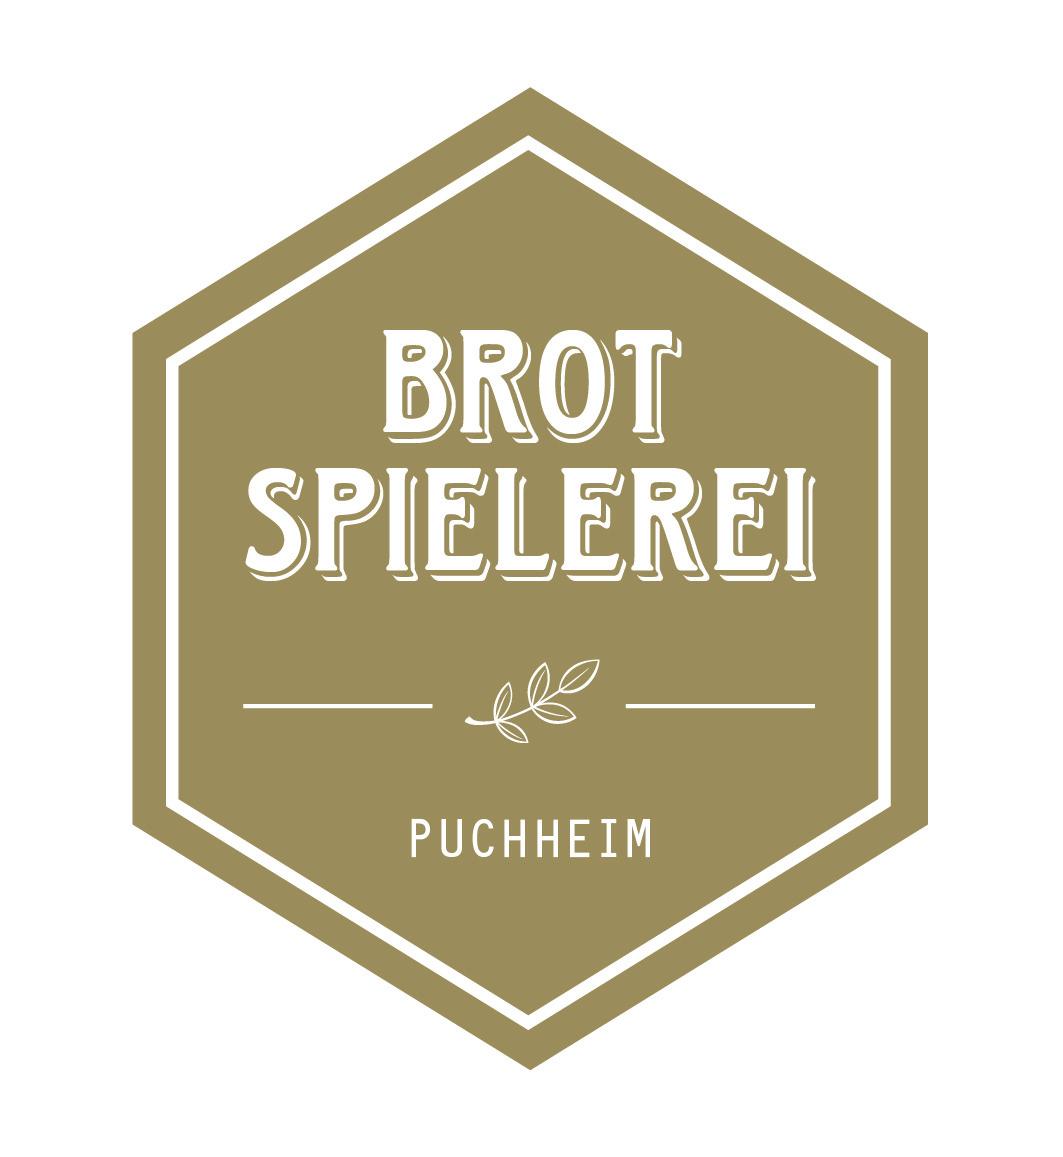 Ab Herbst 2019 - Im Moment wird unser Restaurant im Puchheimer Kulturcentrum komplett umgebaut. Alles wird neu. Ab Oktober/November 2019 begrüßen wir Sie in der BROTSPIELEREI.Lesen Sie hierzu auch den Artikel über den Umbau im GUSTL-Magazin.